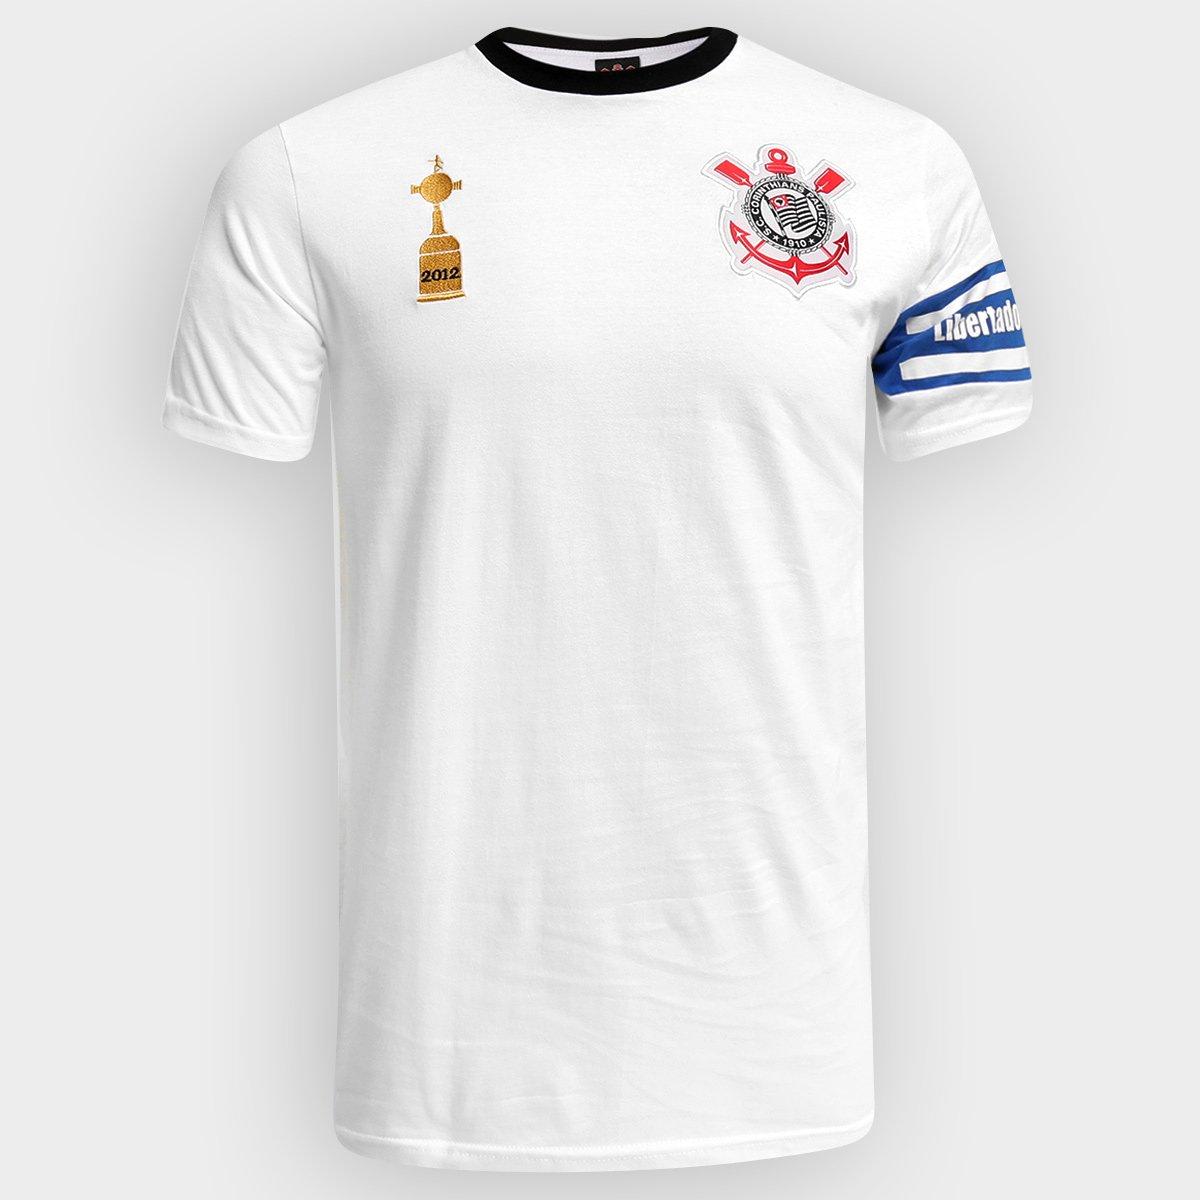 fe34b5f51d Camiseta Corinthians Capitães Libertadores 2012 n° 2 Masculina - Branco